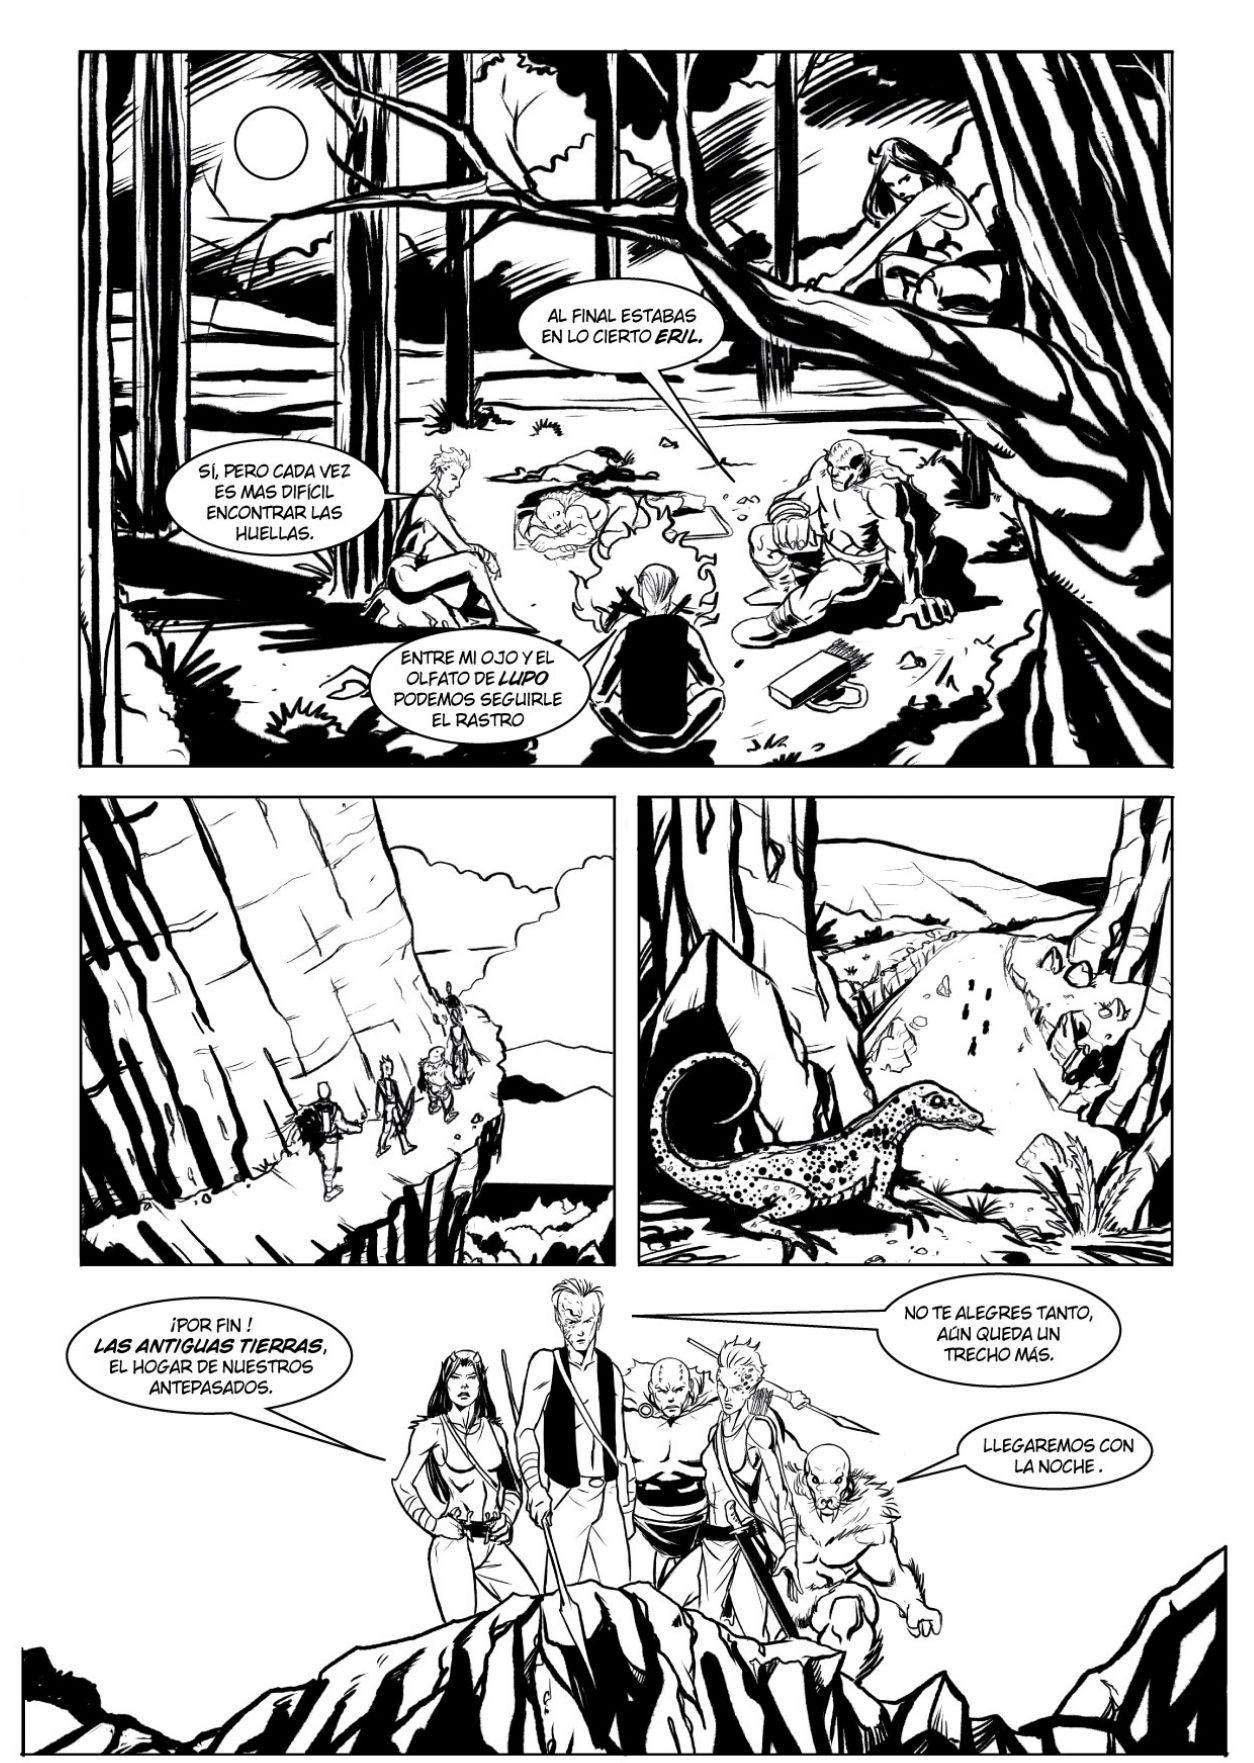 Monstruo-y-otras-historias-33